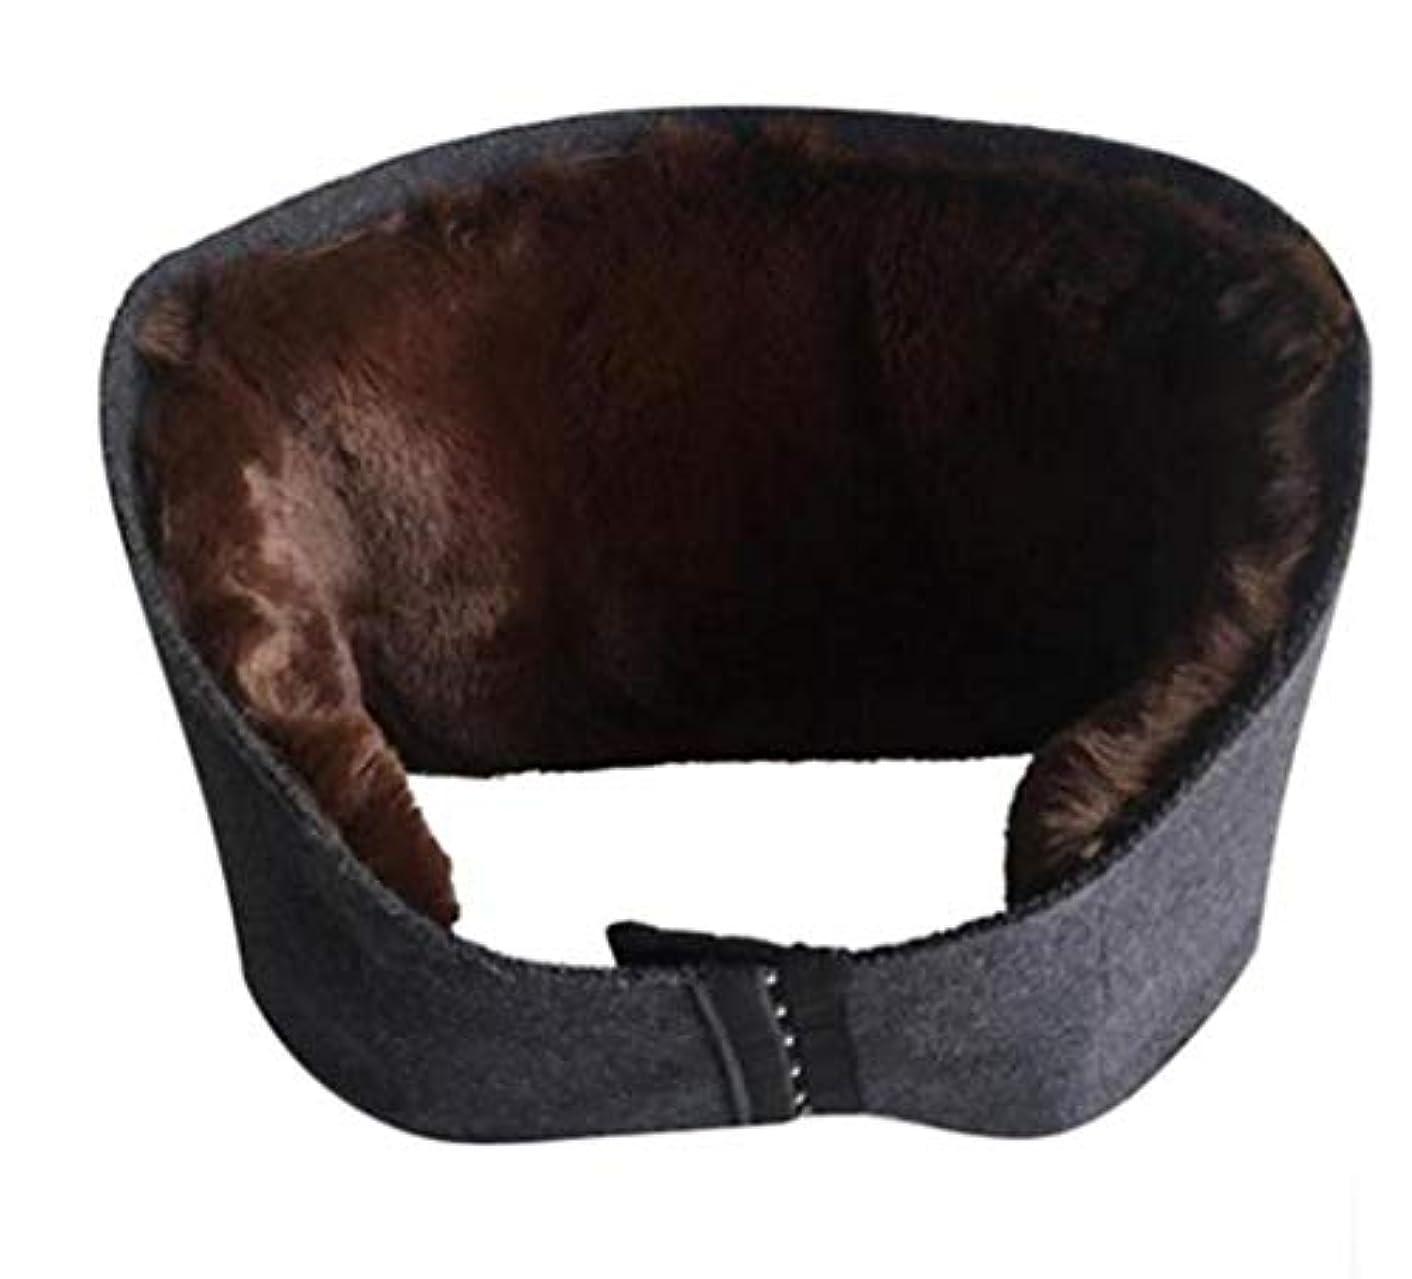 コンチネンタル降伏乱れ腰暖かいベルト、ウール医療ウエストサポートベルト運動/作業/フィットネス保護ギア、男性と女性のための適切な鎮痛暖かい腰のサポート、